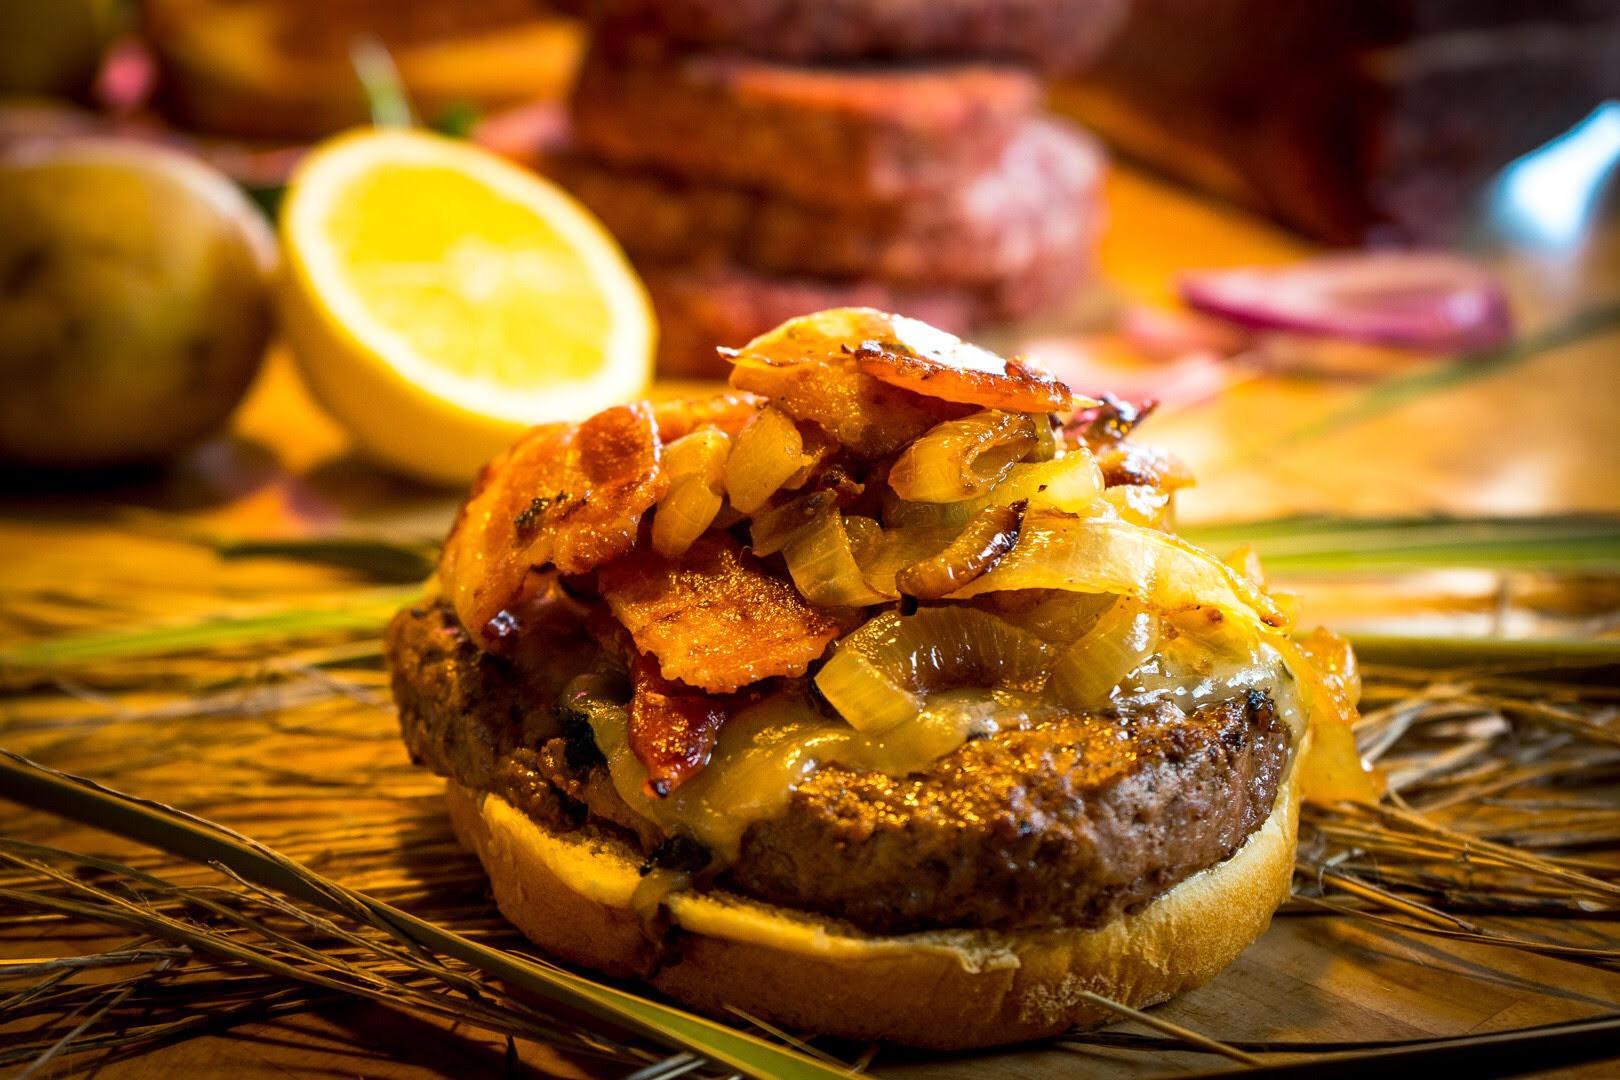 Sam's Gourmet Burgers